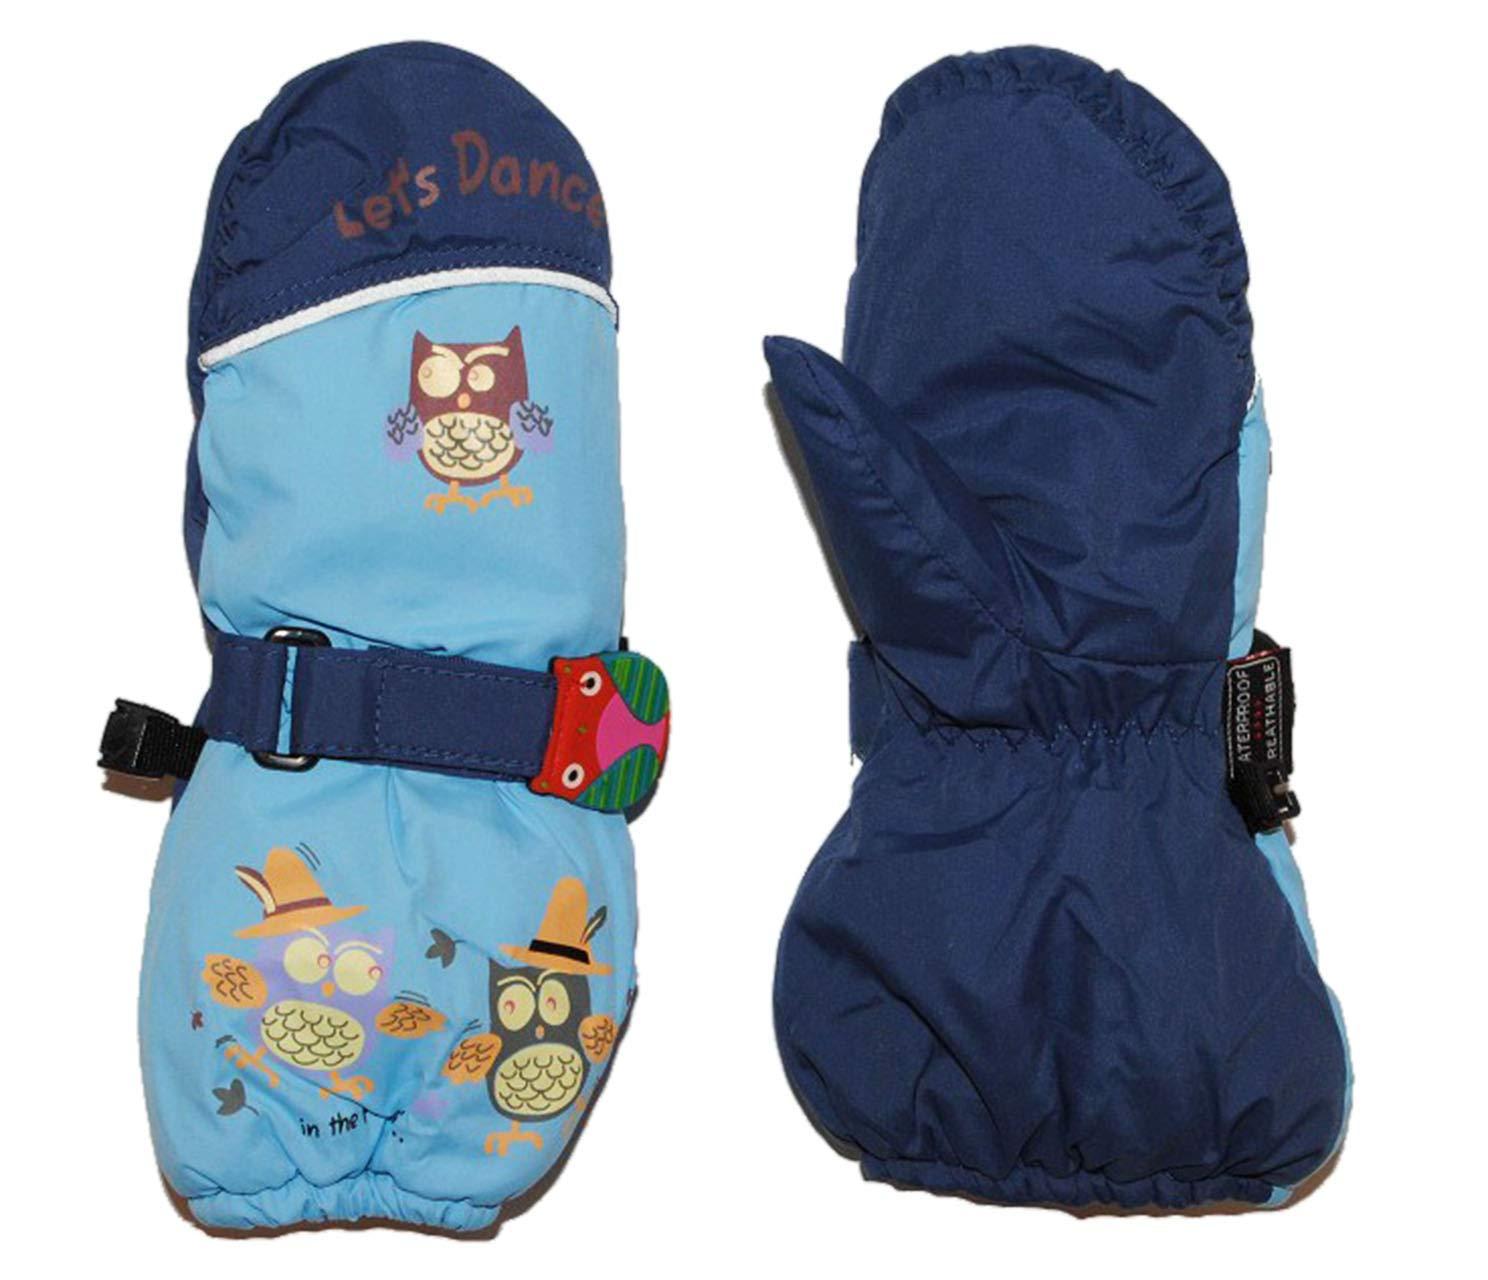 Unbekannt Handschuh mit Langem Schaft - Blau Eulen Eule Thermo gefüttert Thermohandschuh - Gr. 2 Jahre bis 3 Jahre - Fausthandschuh Handschuhe Kinder-Land